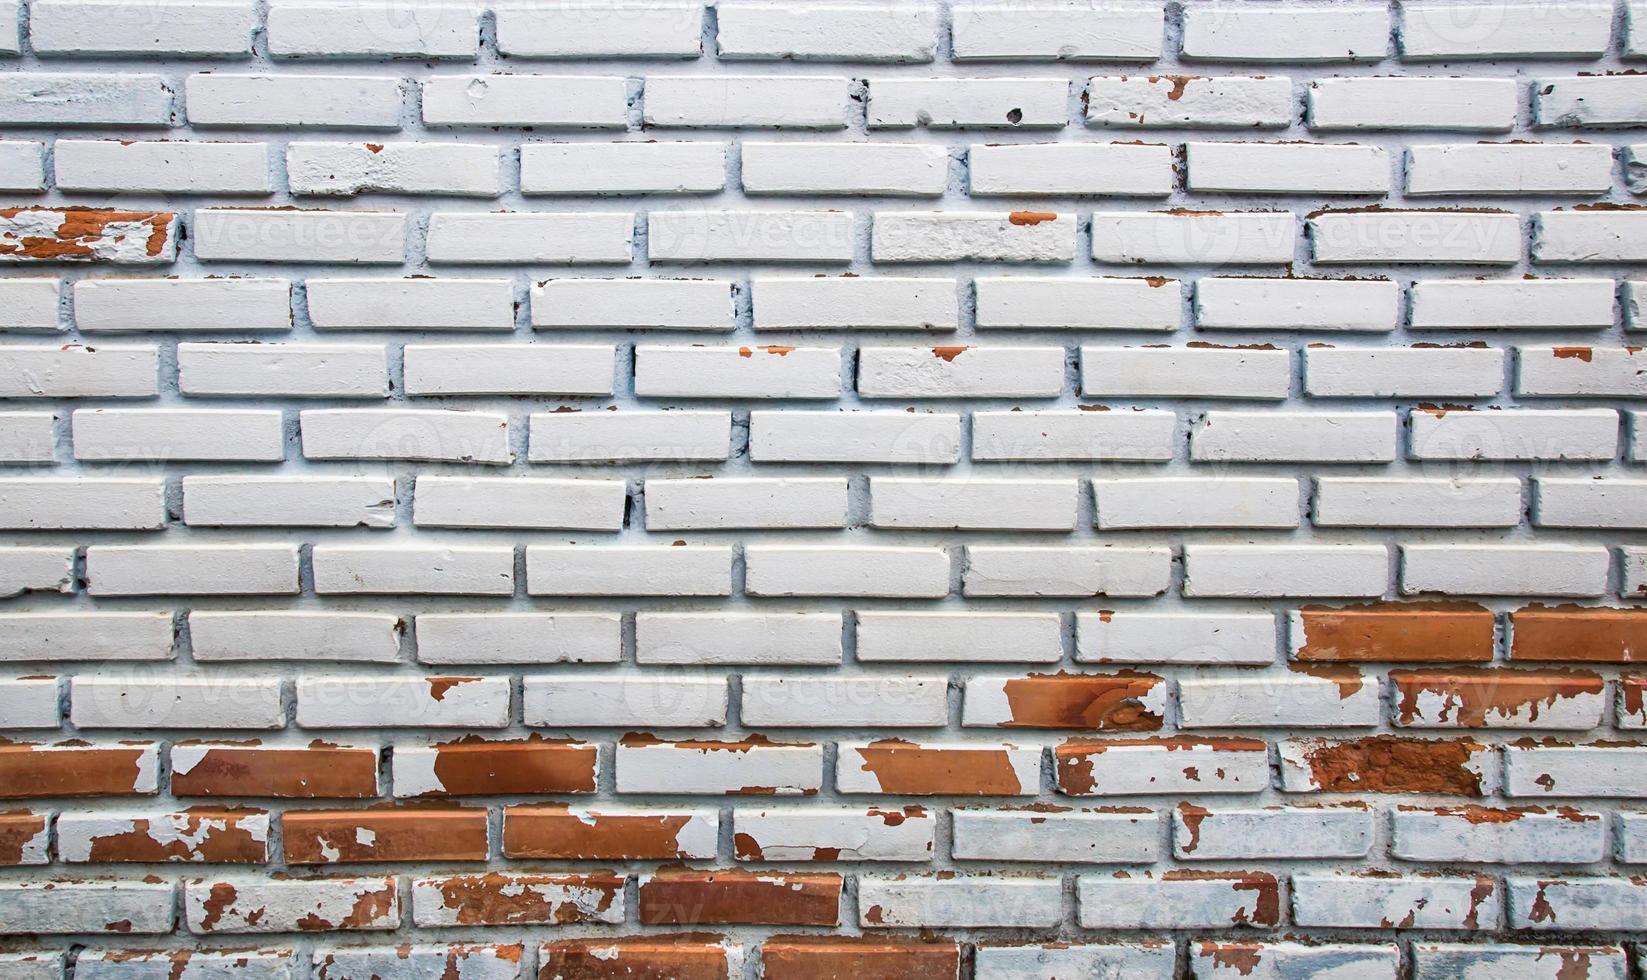 achtergrond van oude bakstenen muur textuur foto